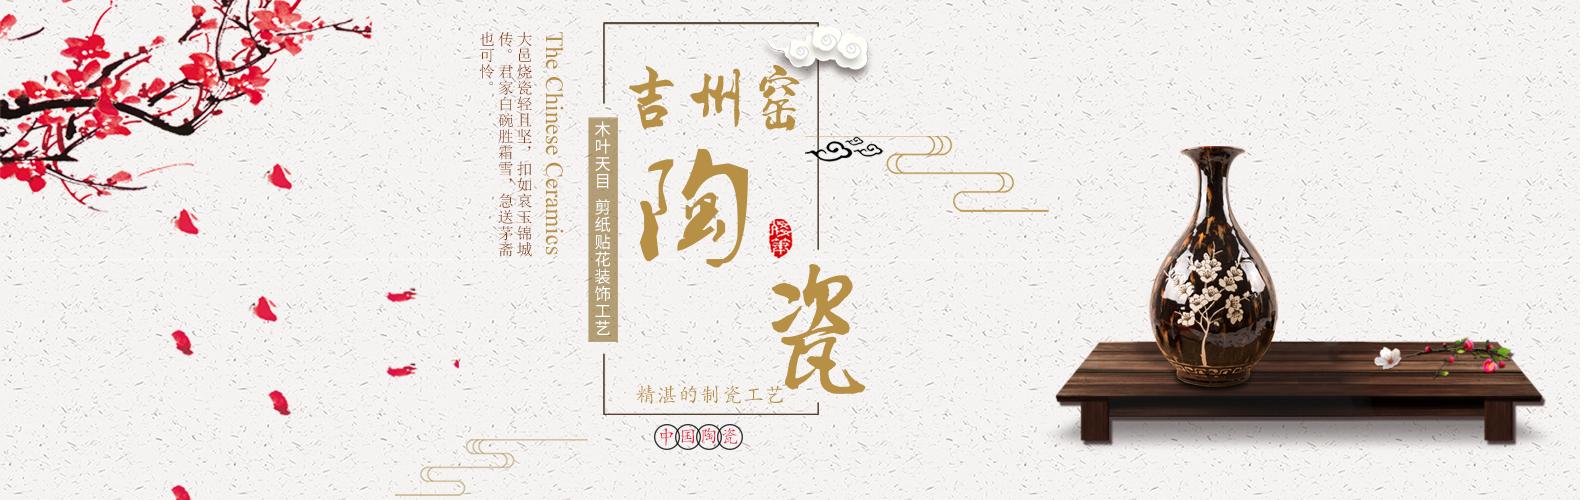 吉州窑陶瓷如何烧制,烧制吉州窑陶瓷的工艺